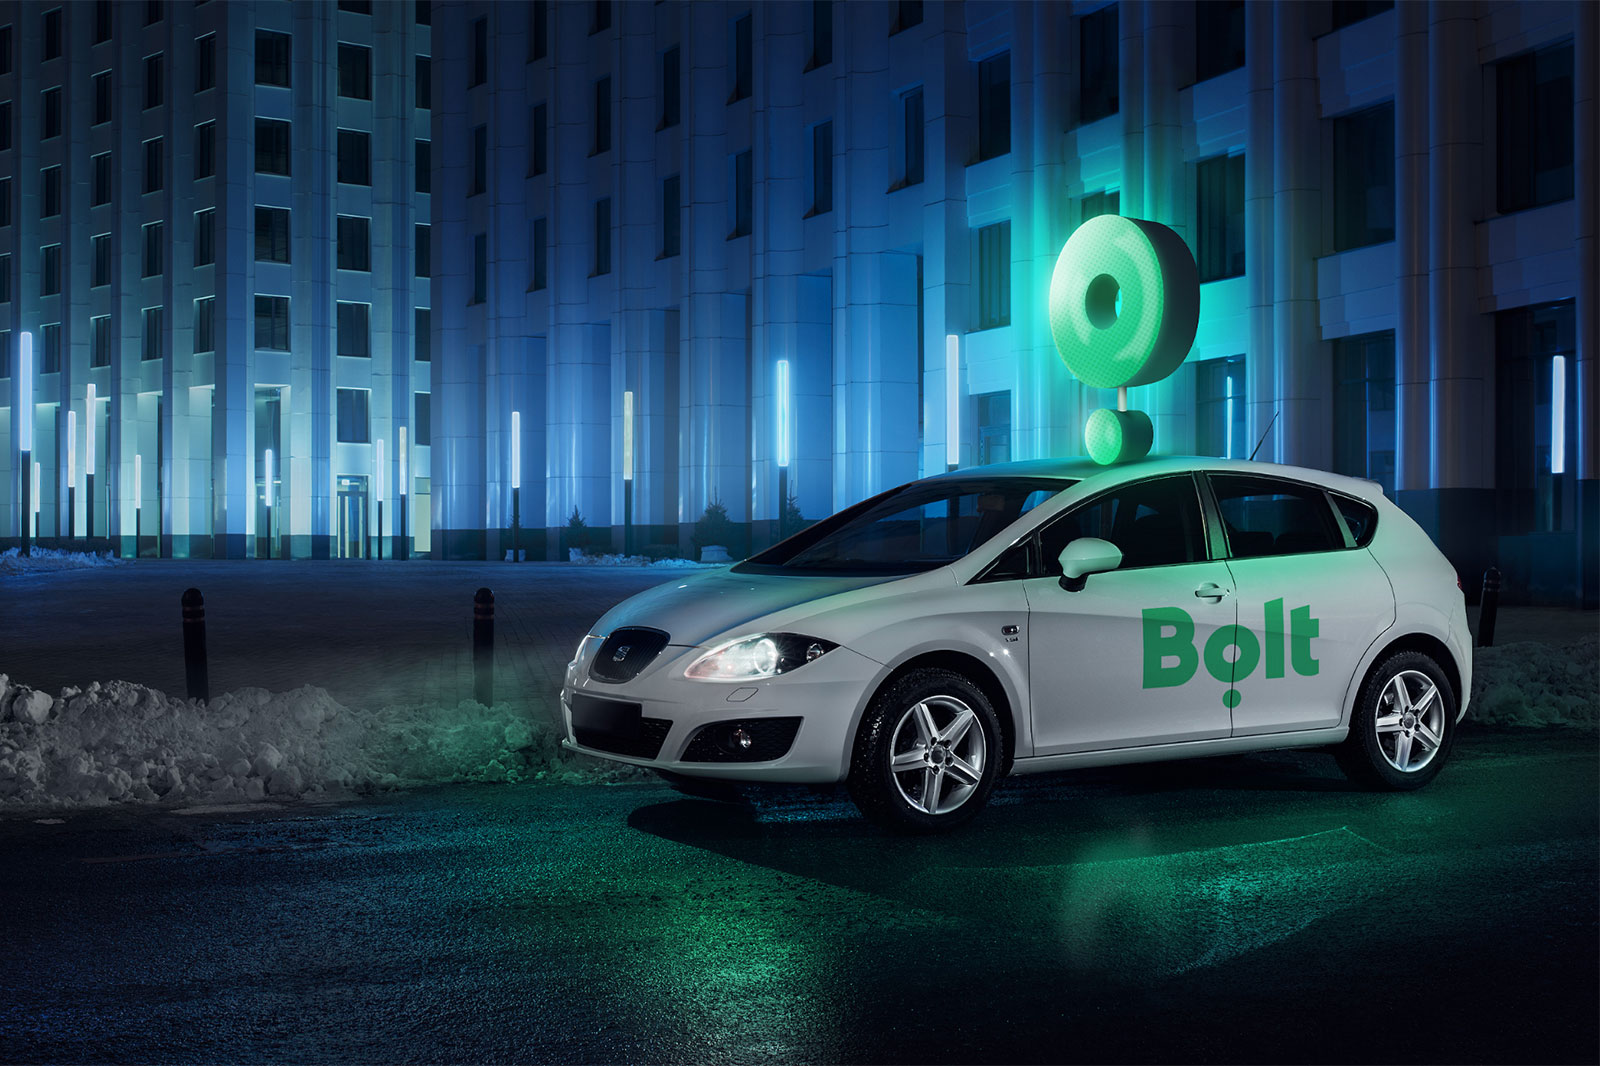 🚕 Bolt for Business – Bolt запустив новий сервіс в Україні для організації корпоративних поїздок